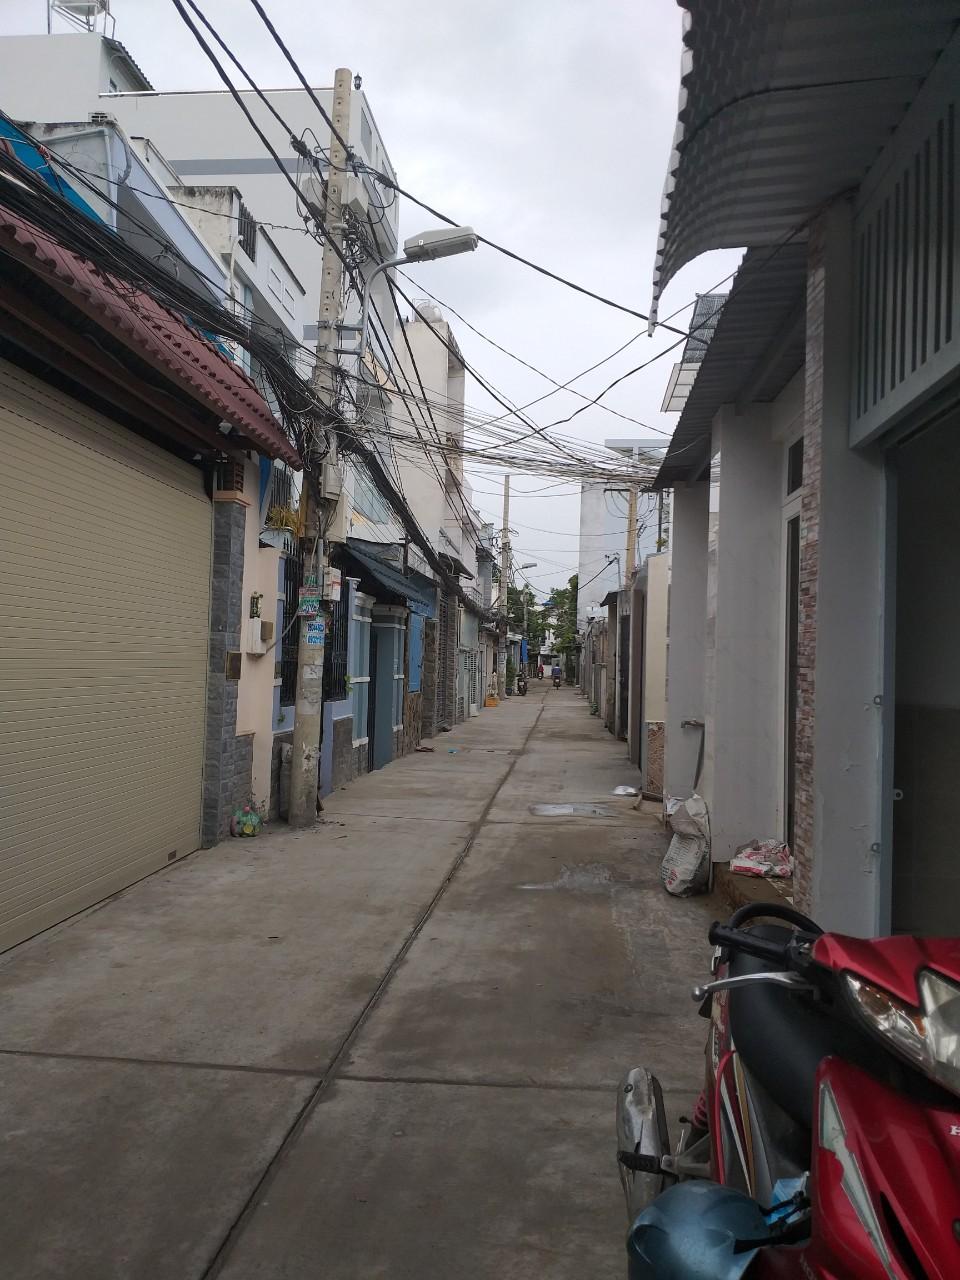 Bán nhà hẻm 2683 Phạm Thế Hiển phường 7 Quận 8. DT 5x11m